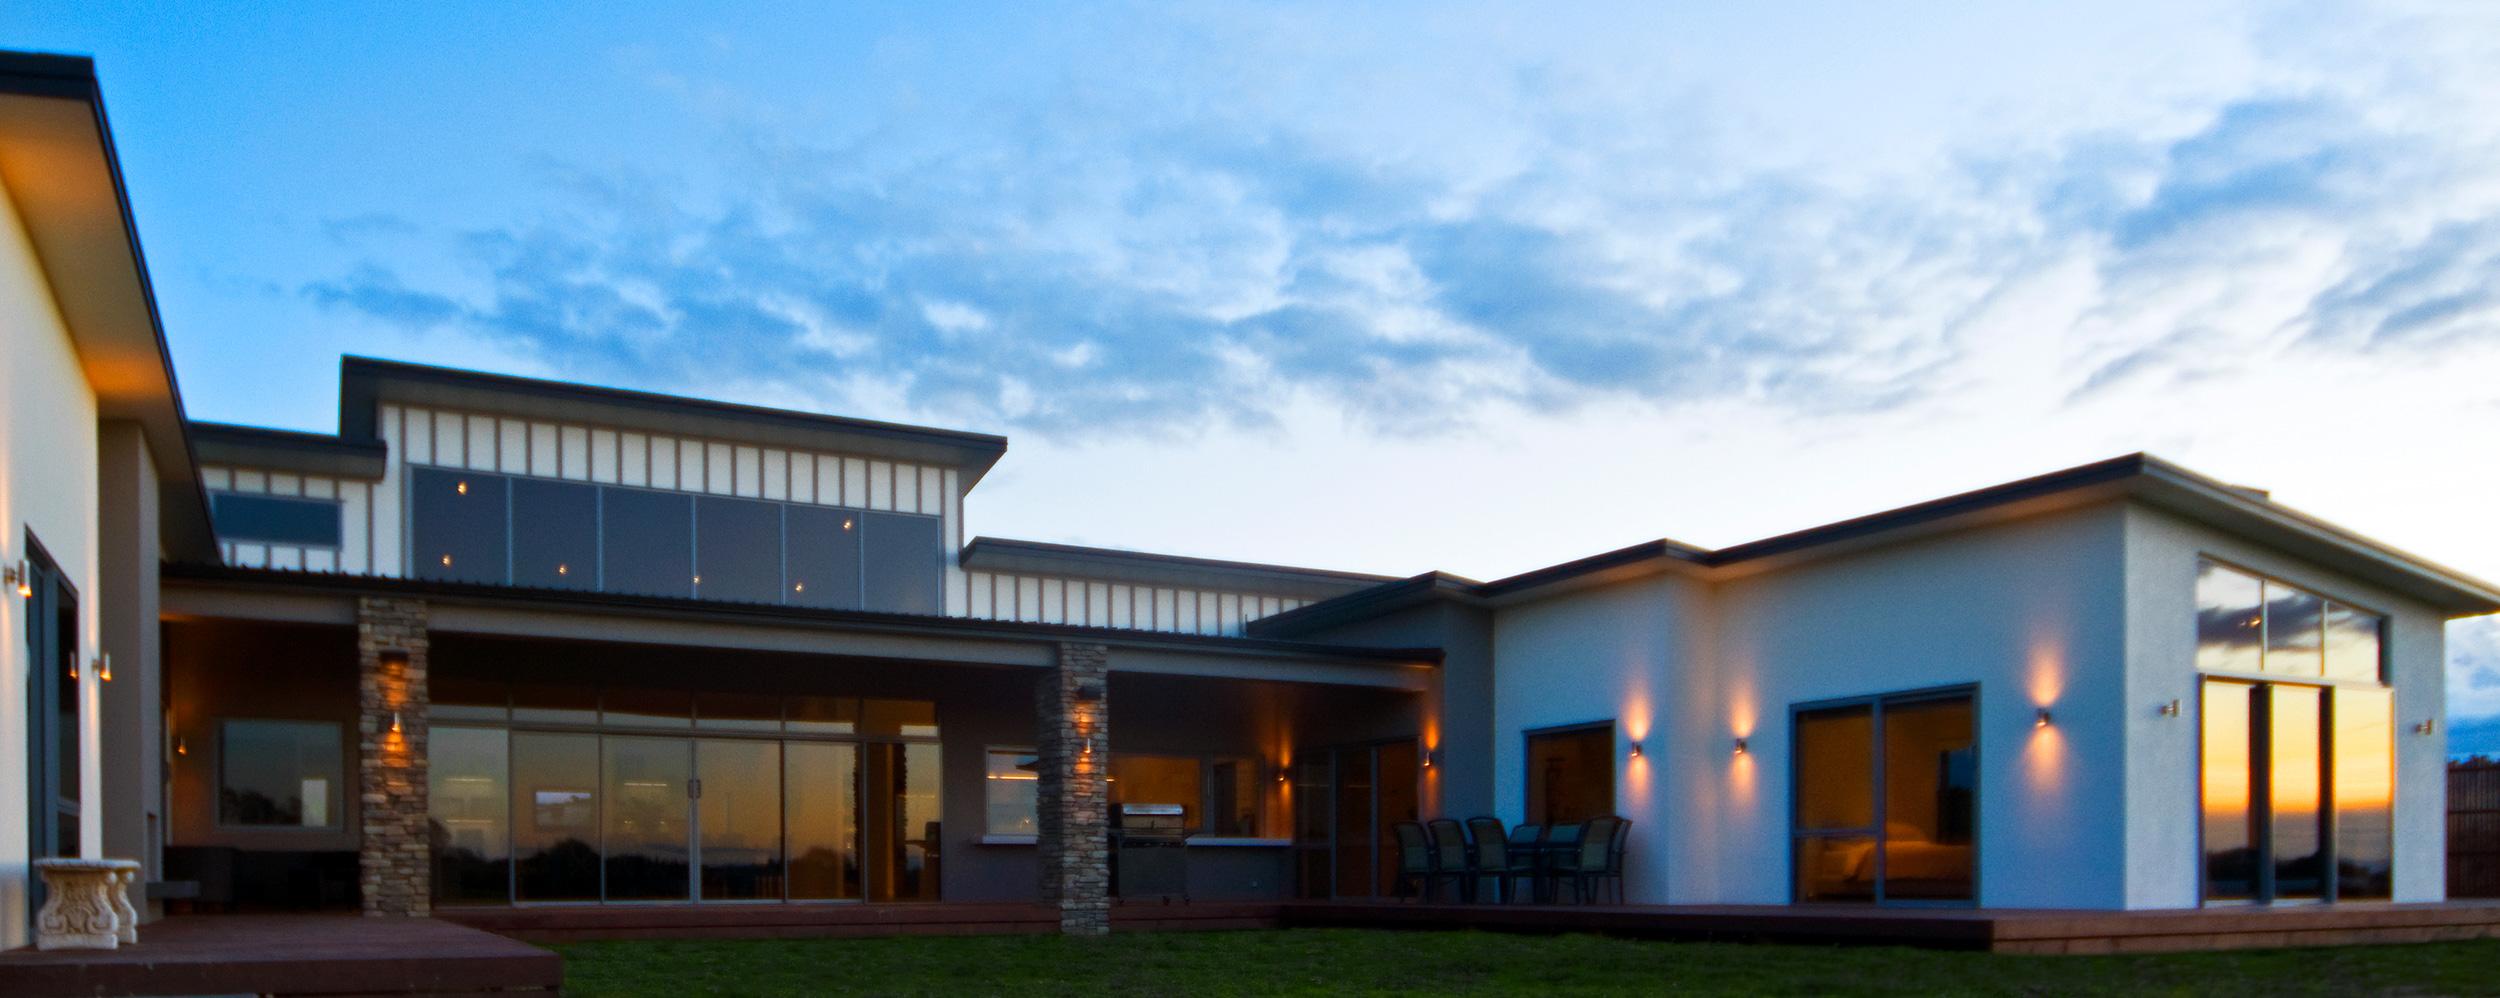 haven-builder-residential-cossey-10.JPG